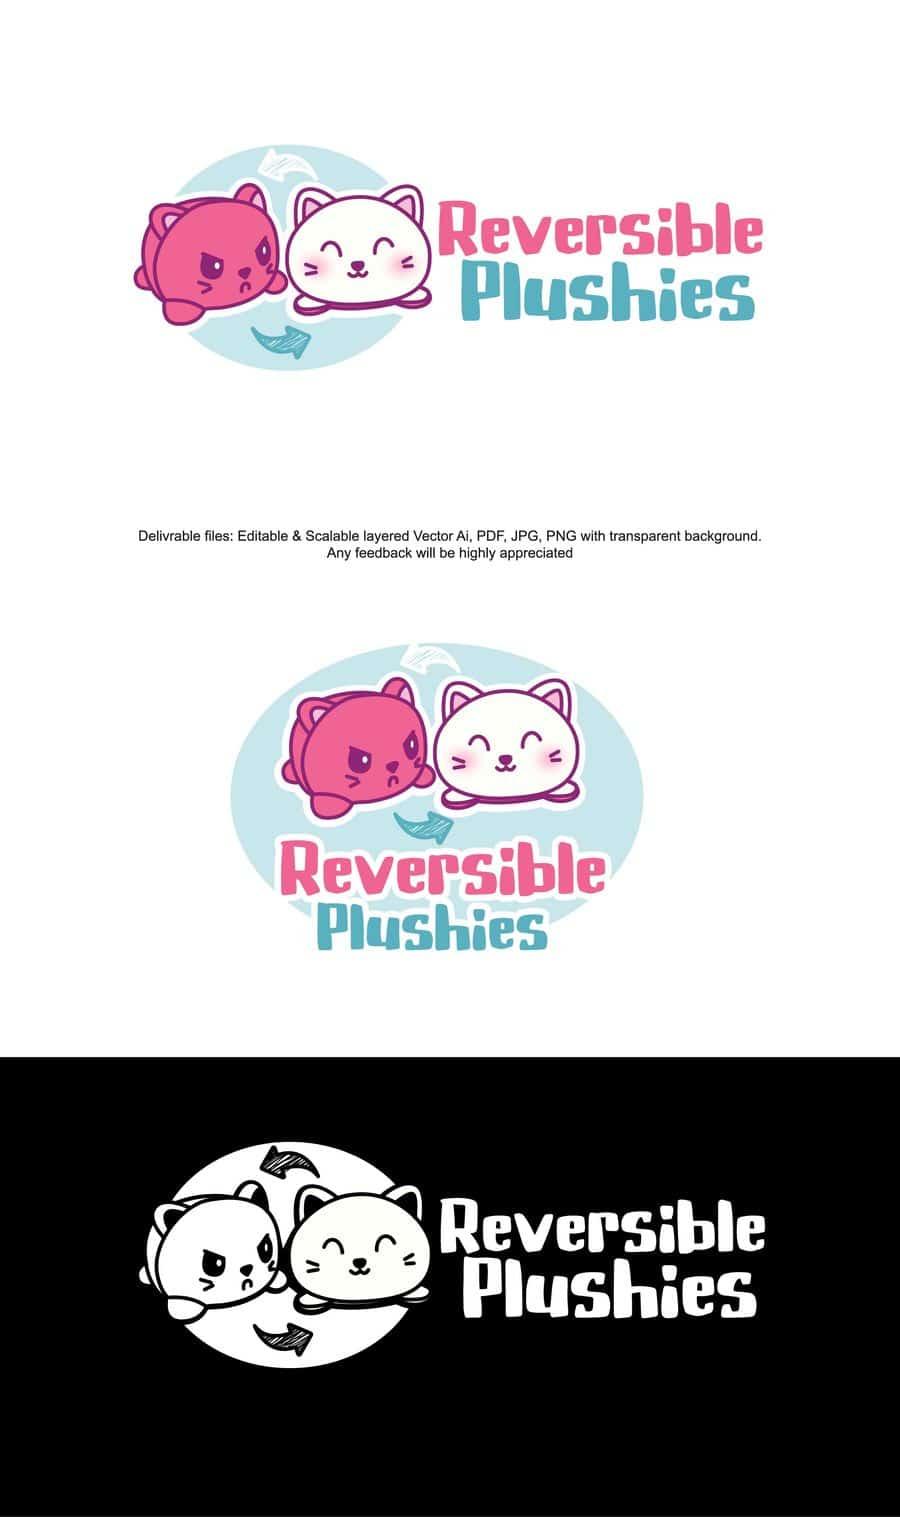 Reversible-plushies-logo-design